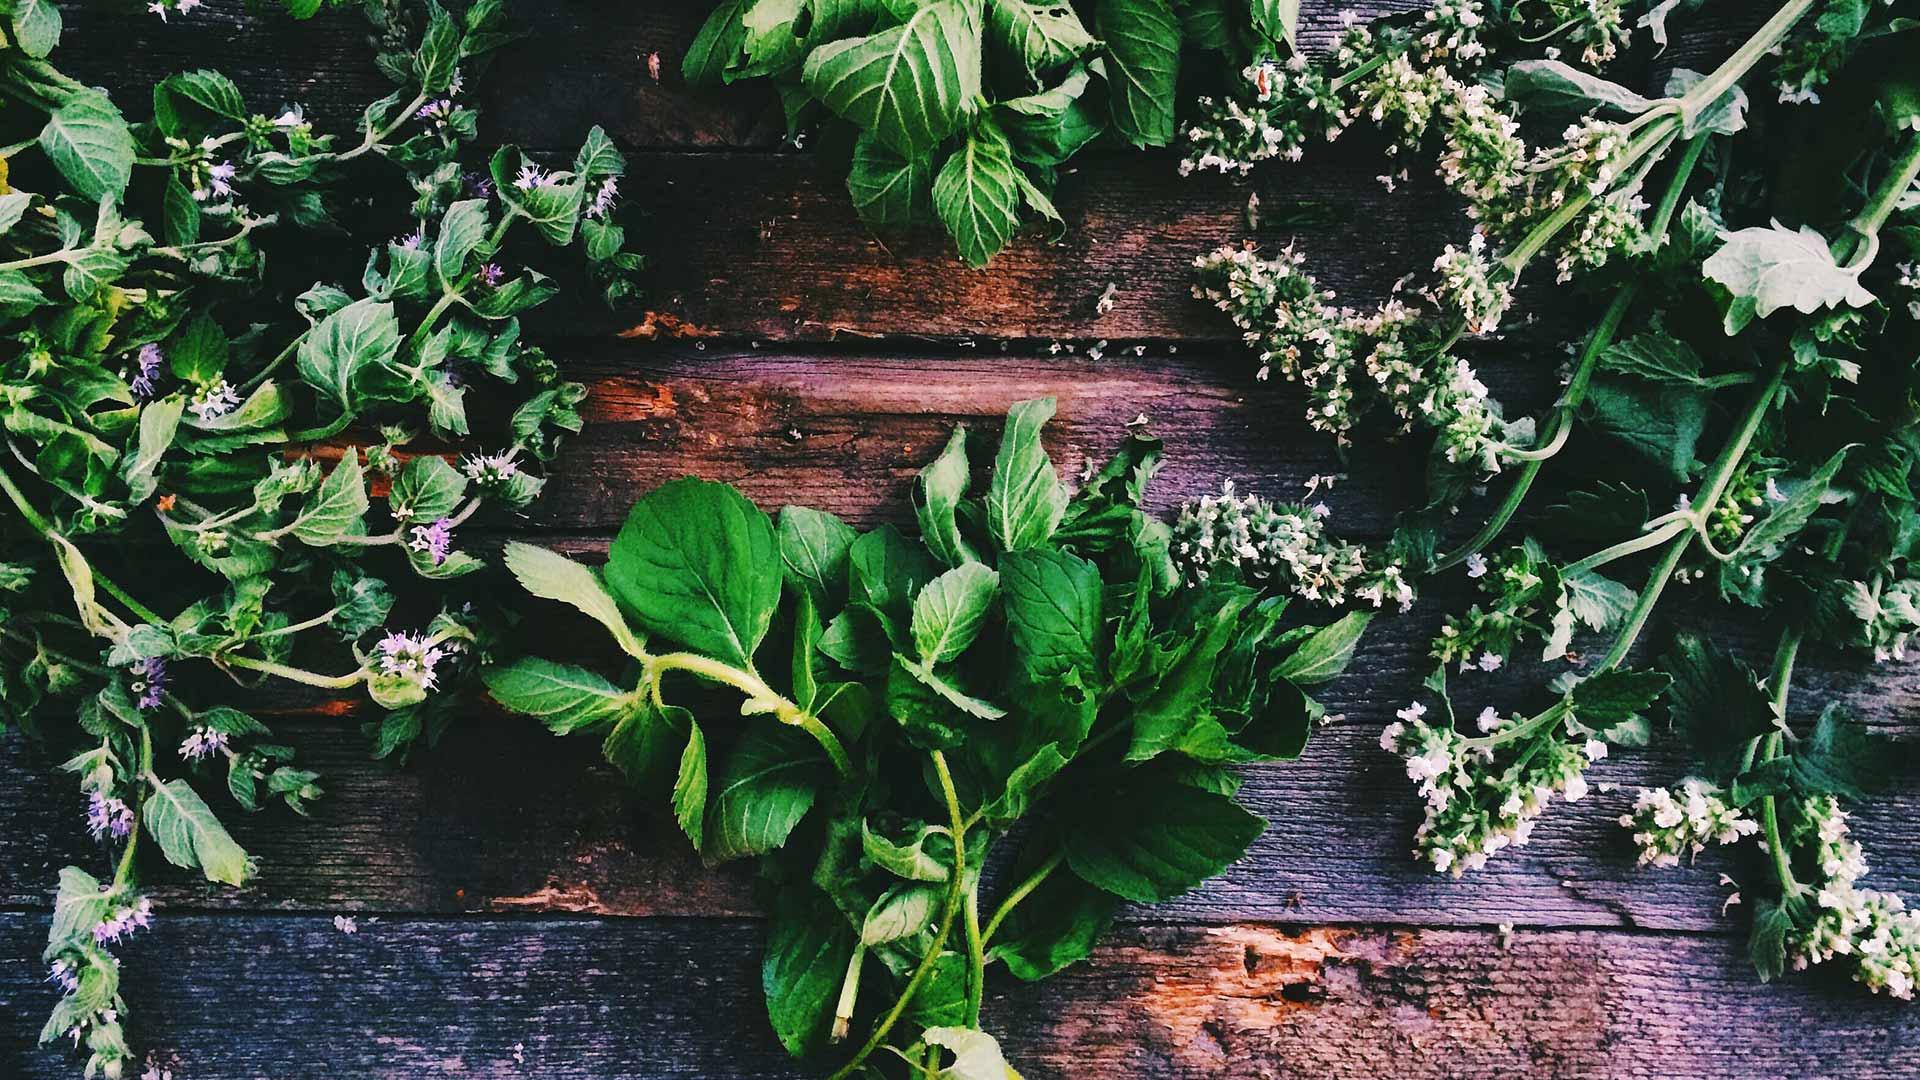 Outdoor - Inspirationen für Balkon und Garten - 17 essbare Wildkräuter für alle Jahreszeiten - so geht's einfach desmondo